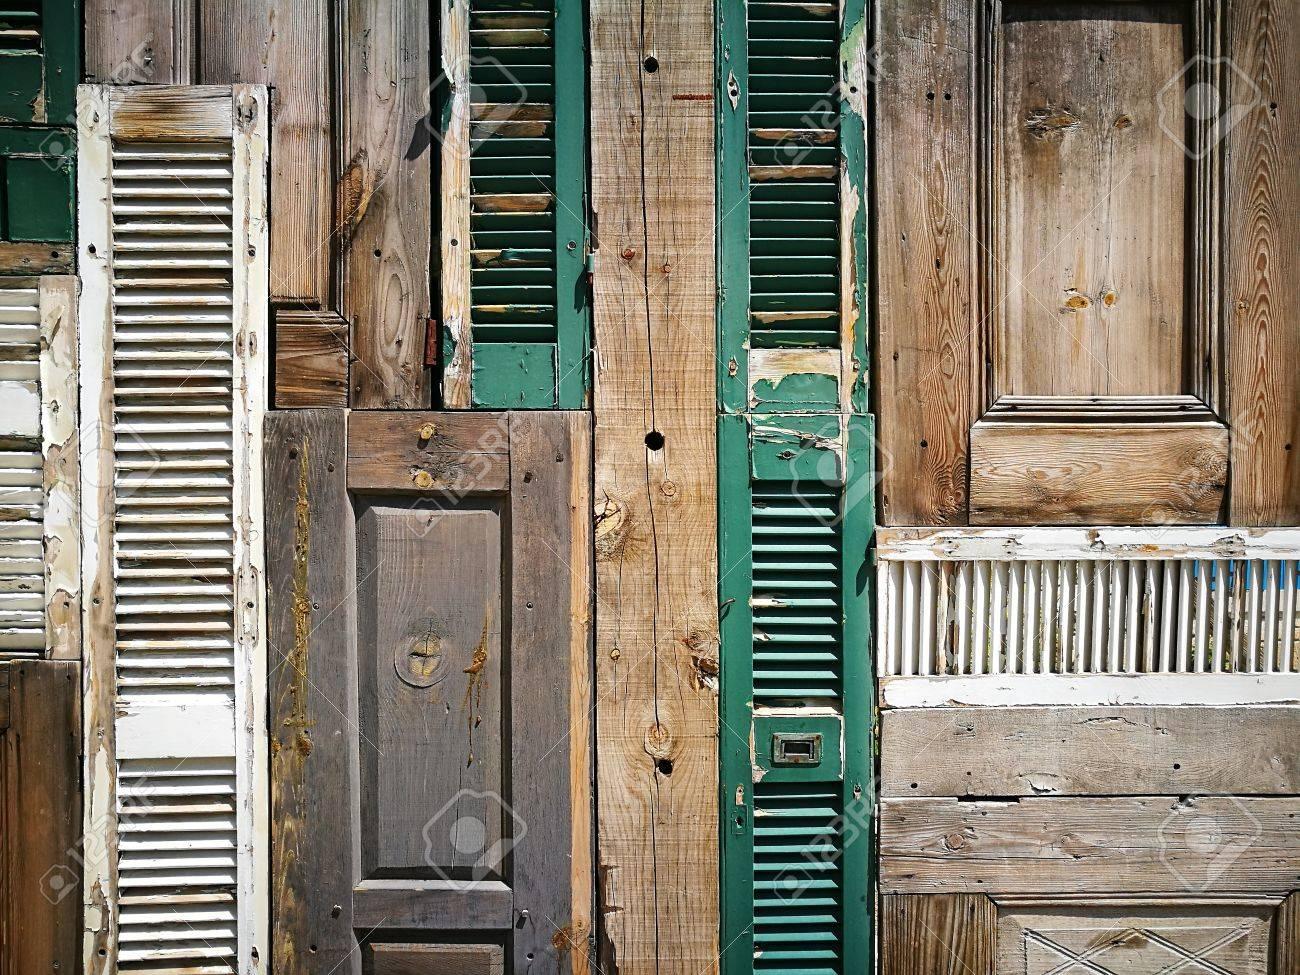 Vieilles Portes En Bois Et Volets De Fenêtre Sur Une Façade Dans La ...